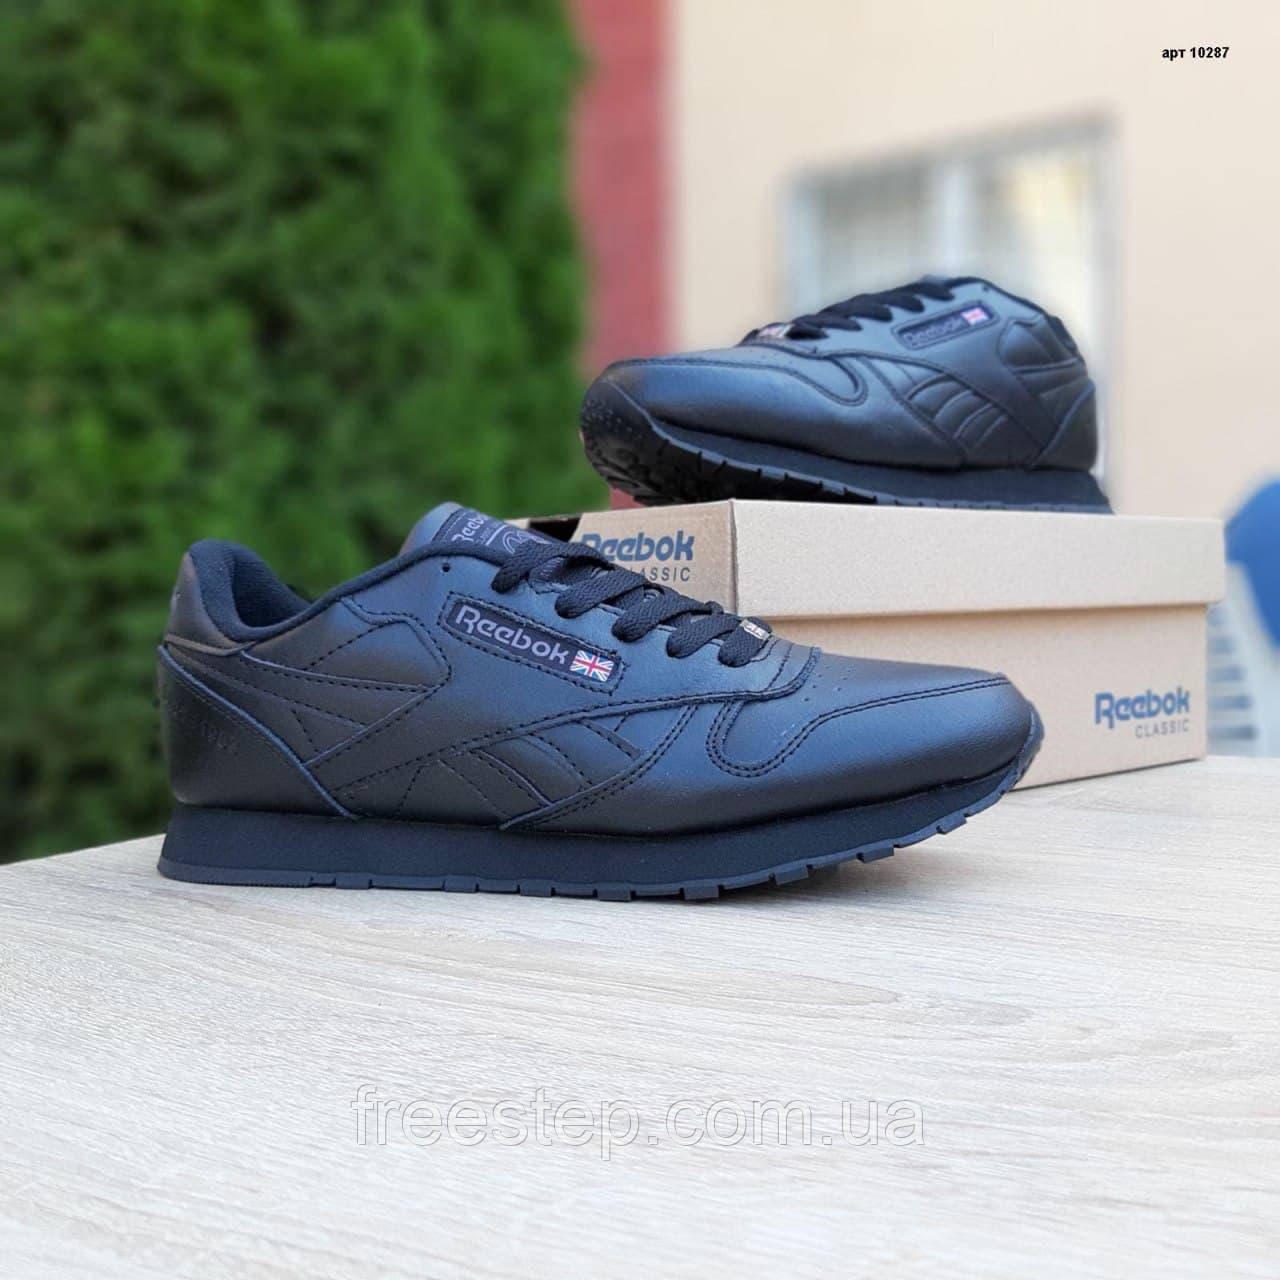 Мужские кроссовки в стиле Reebok Classic 1983, кожа, черные (с флажком)